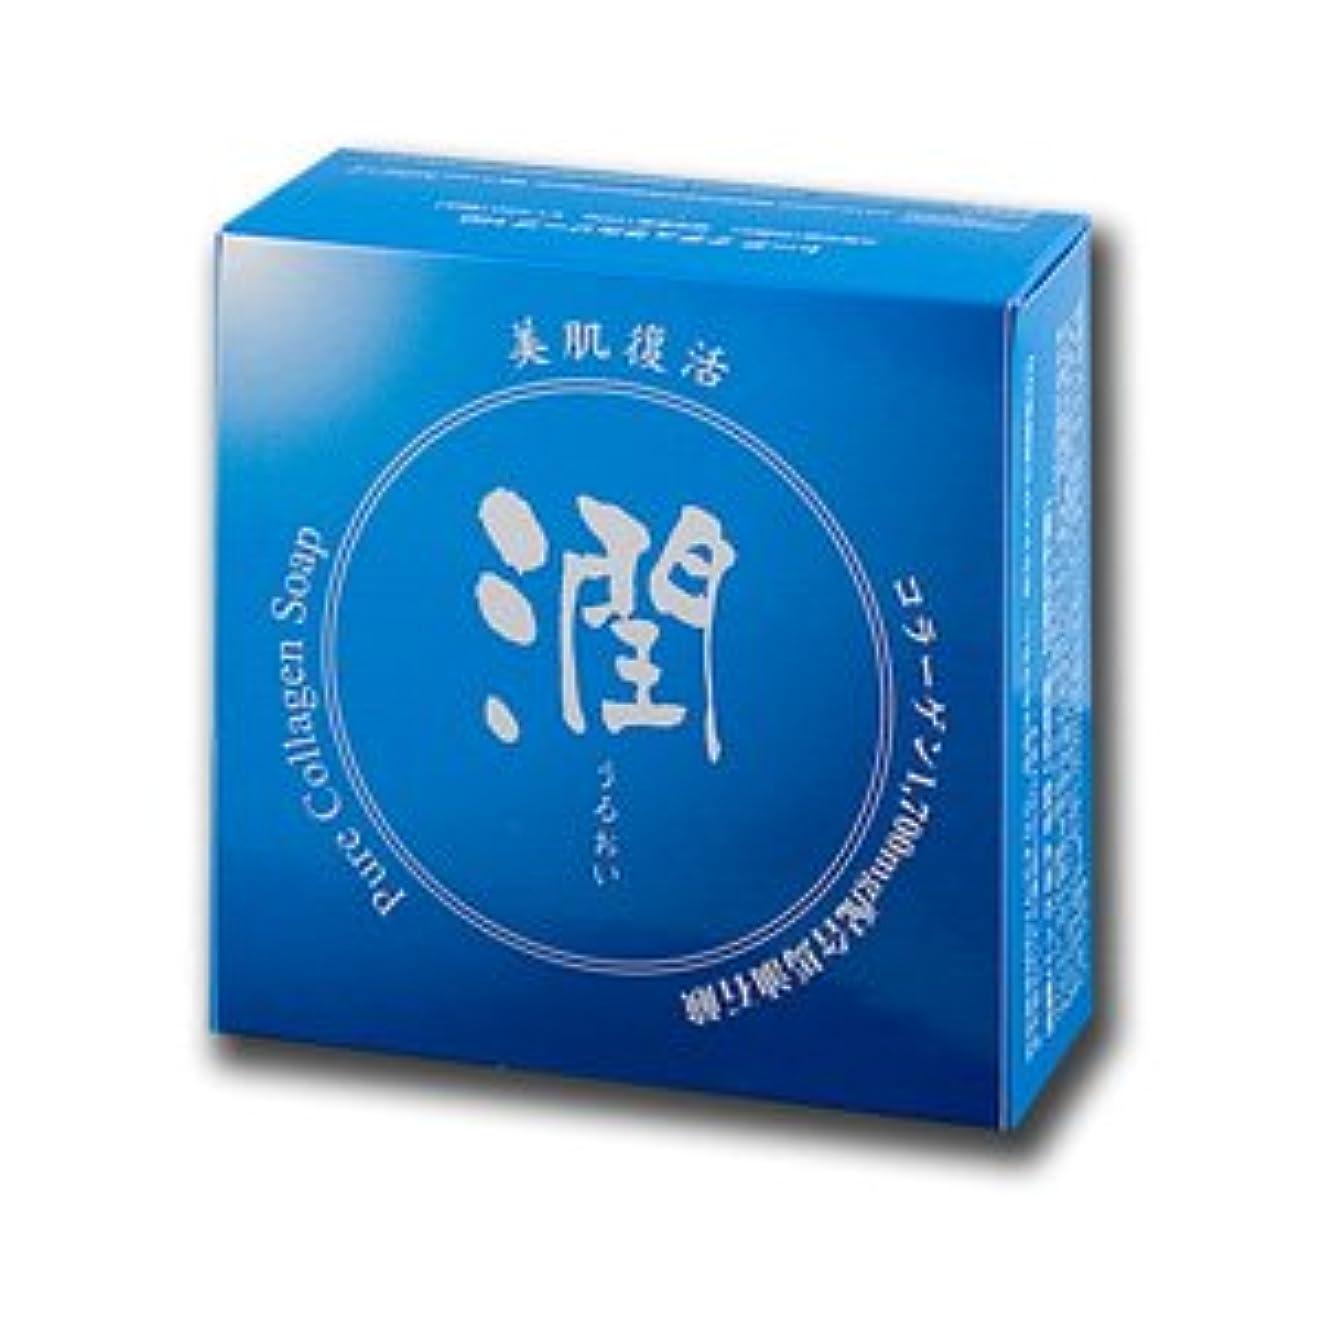 スタジオ役職市の花コラーゲン馬油石鹸 潤 100g (#800410) ×6個セット